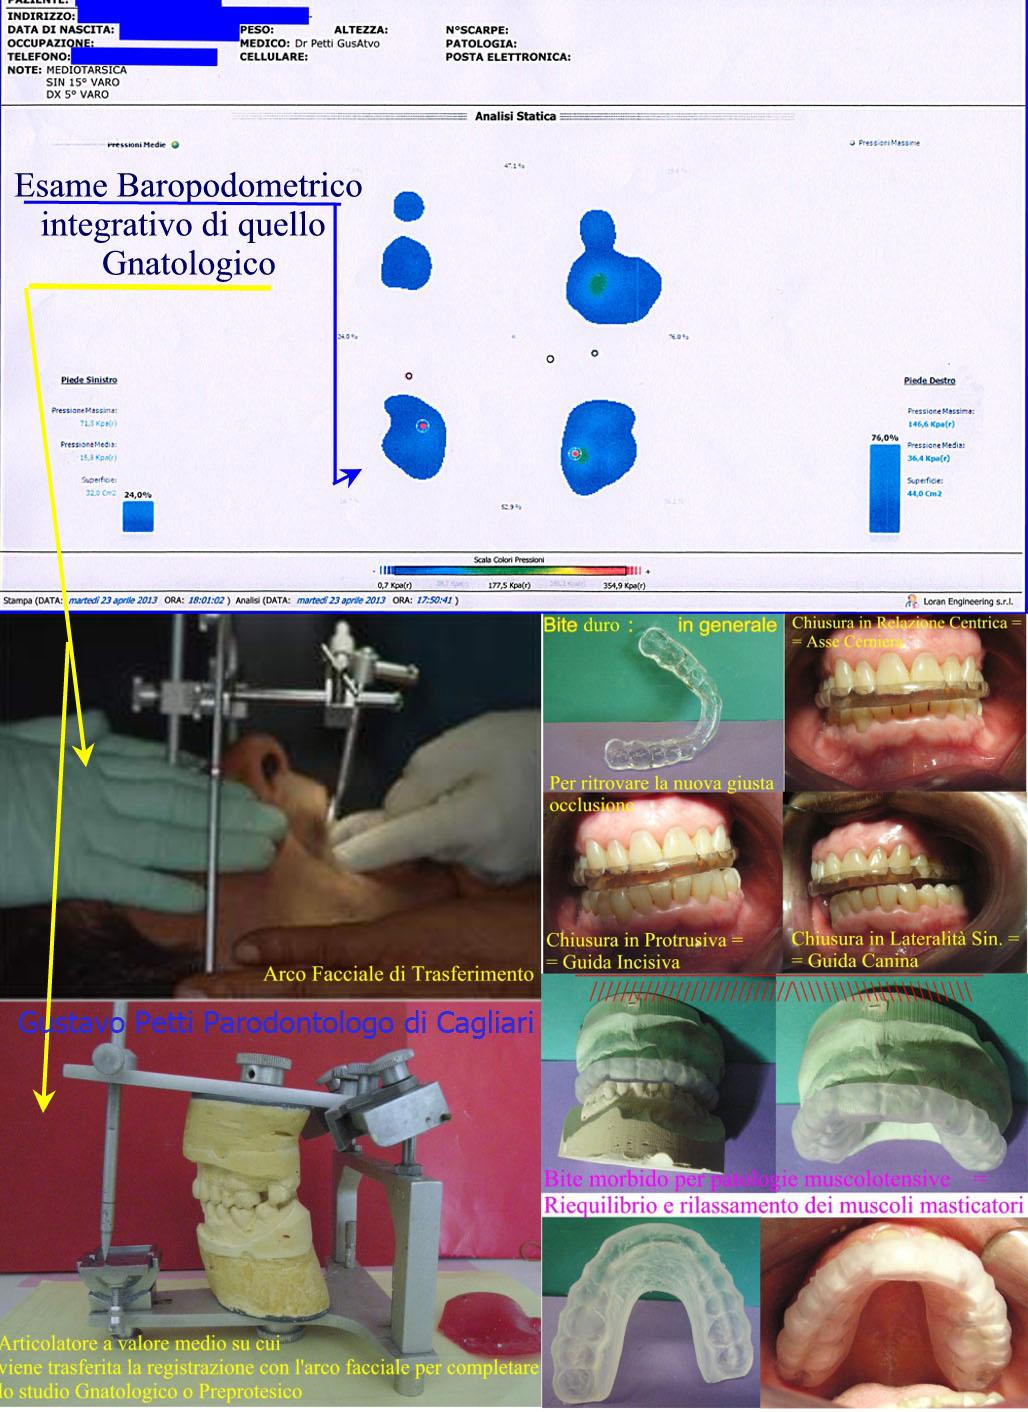 gnatologia-dr-g.petti-cagliari-4.jpg